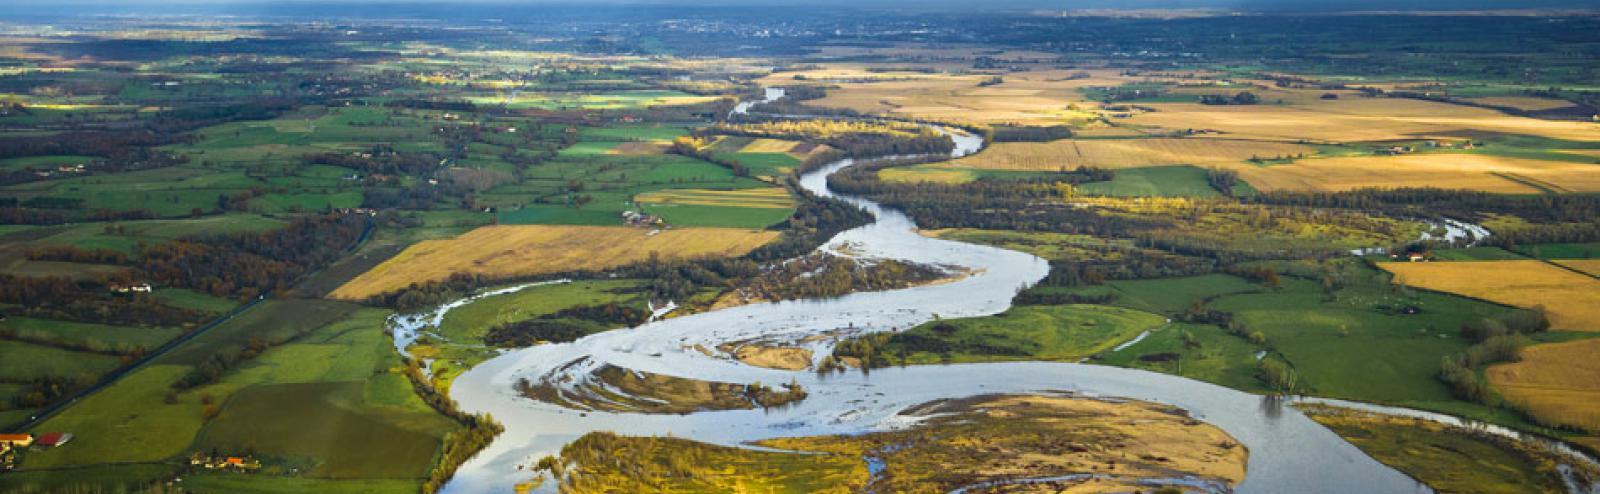 Réserve naturelle du val d'Allier : méandres, nature, visite avec un guide